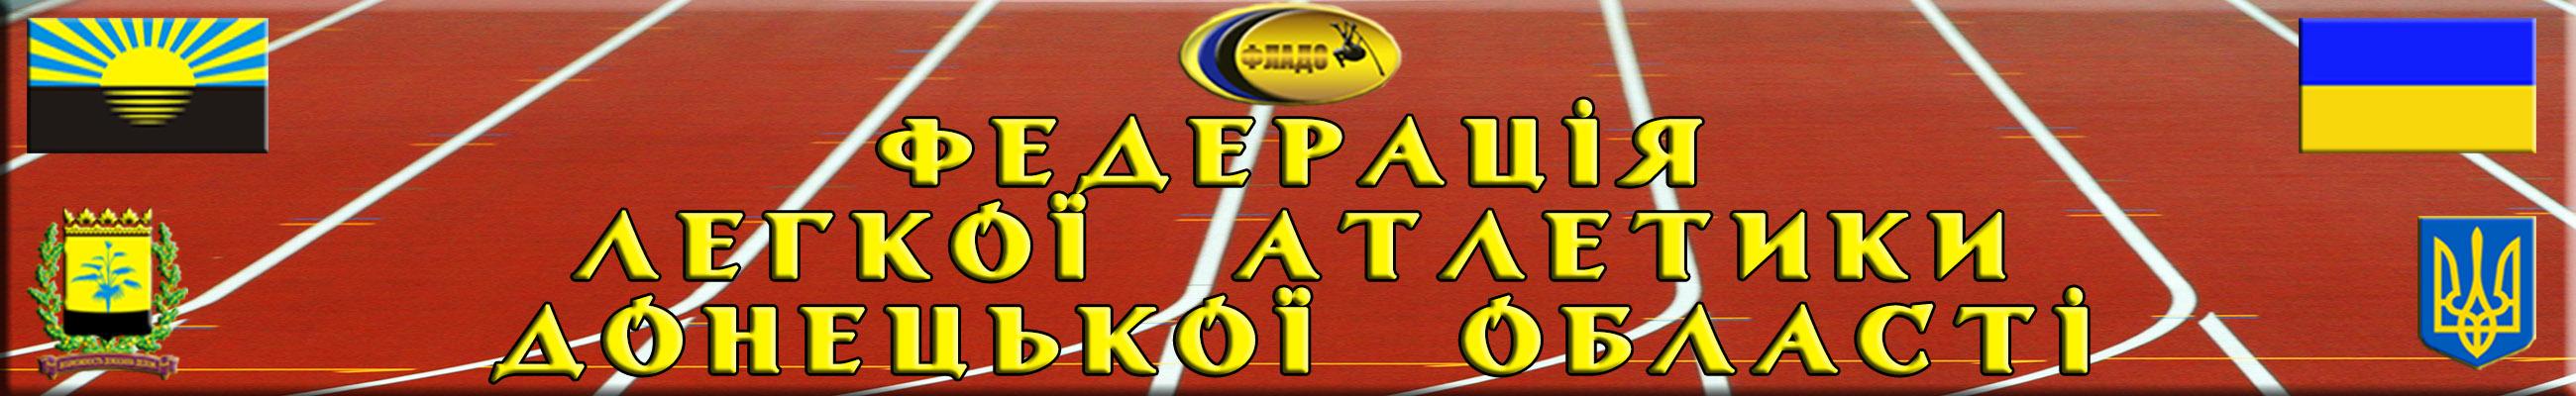 Федерація легкої атлетики Донецької області